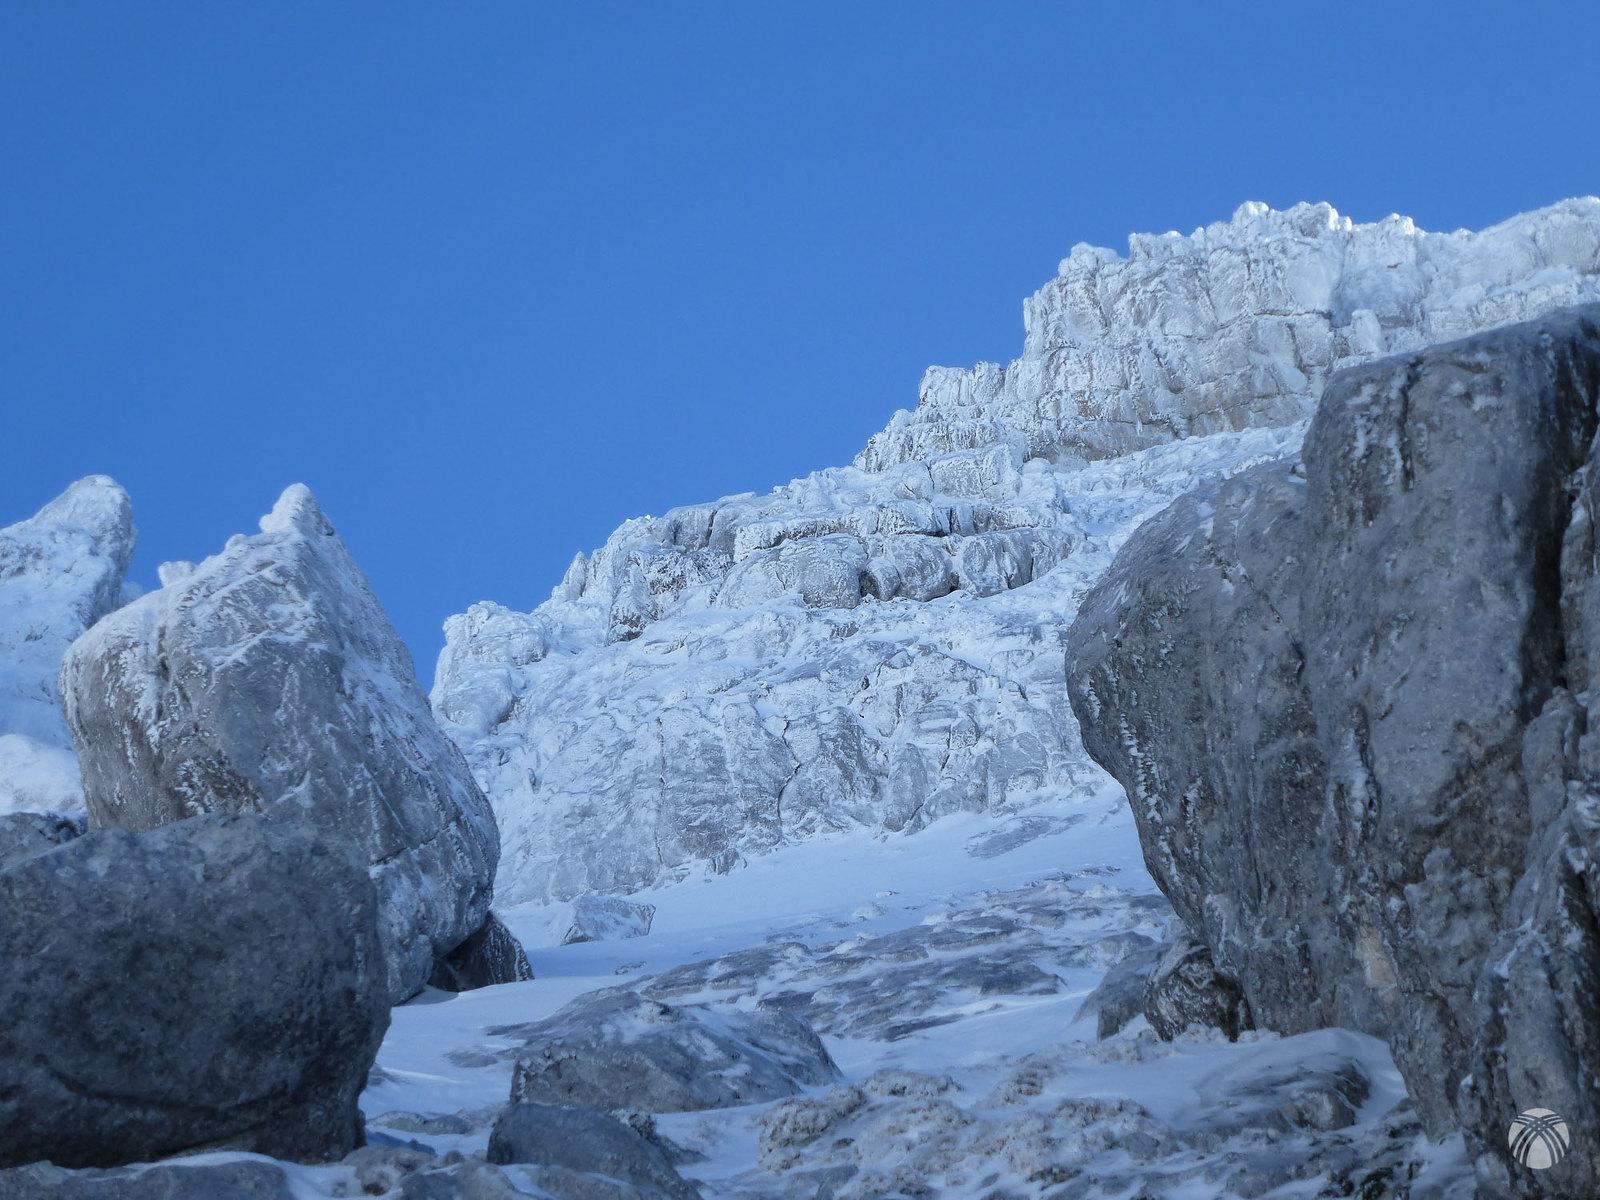 Toda la roca está chapada con hielo